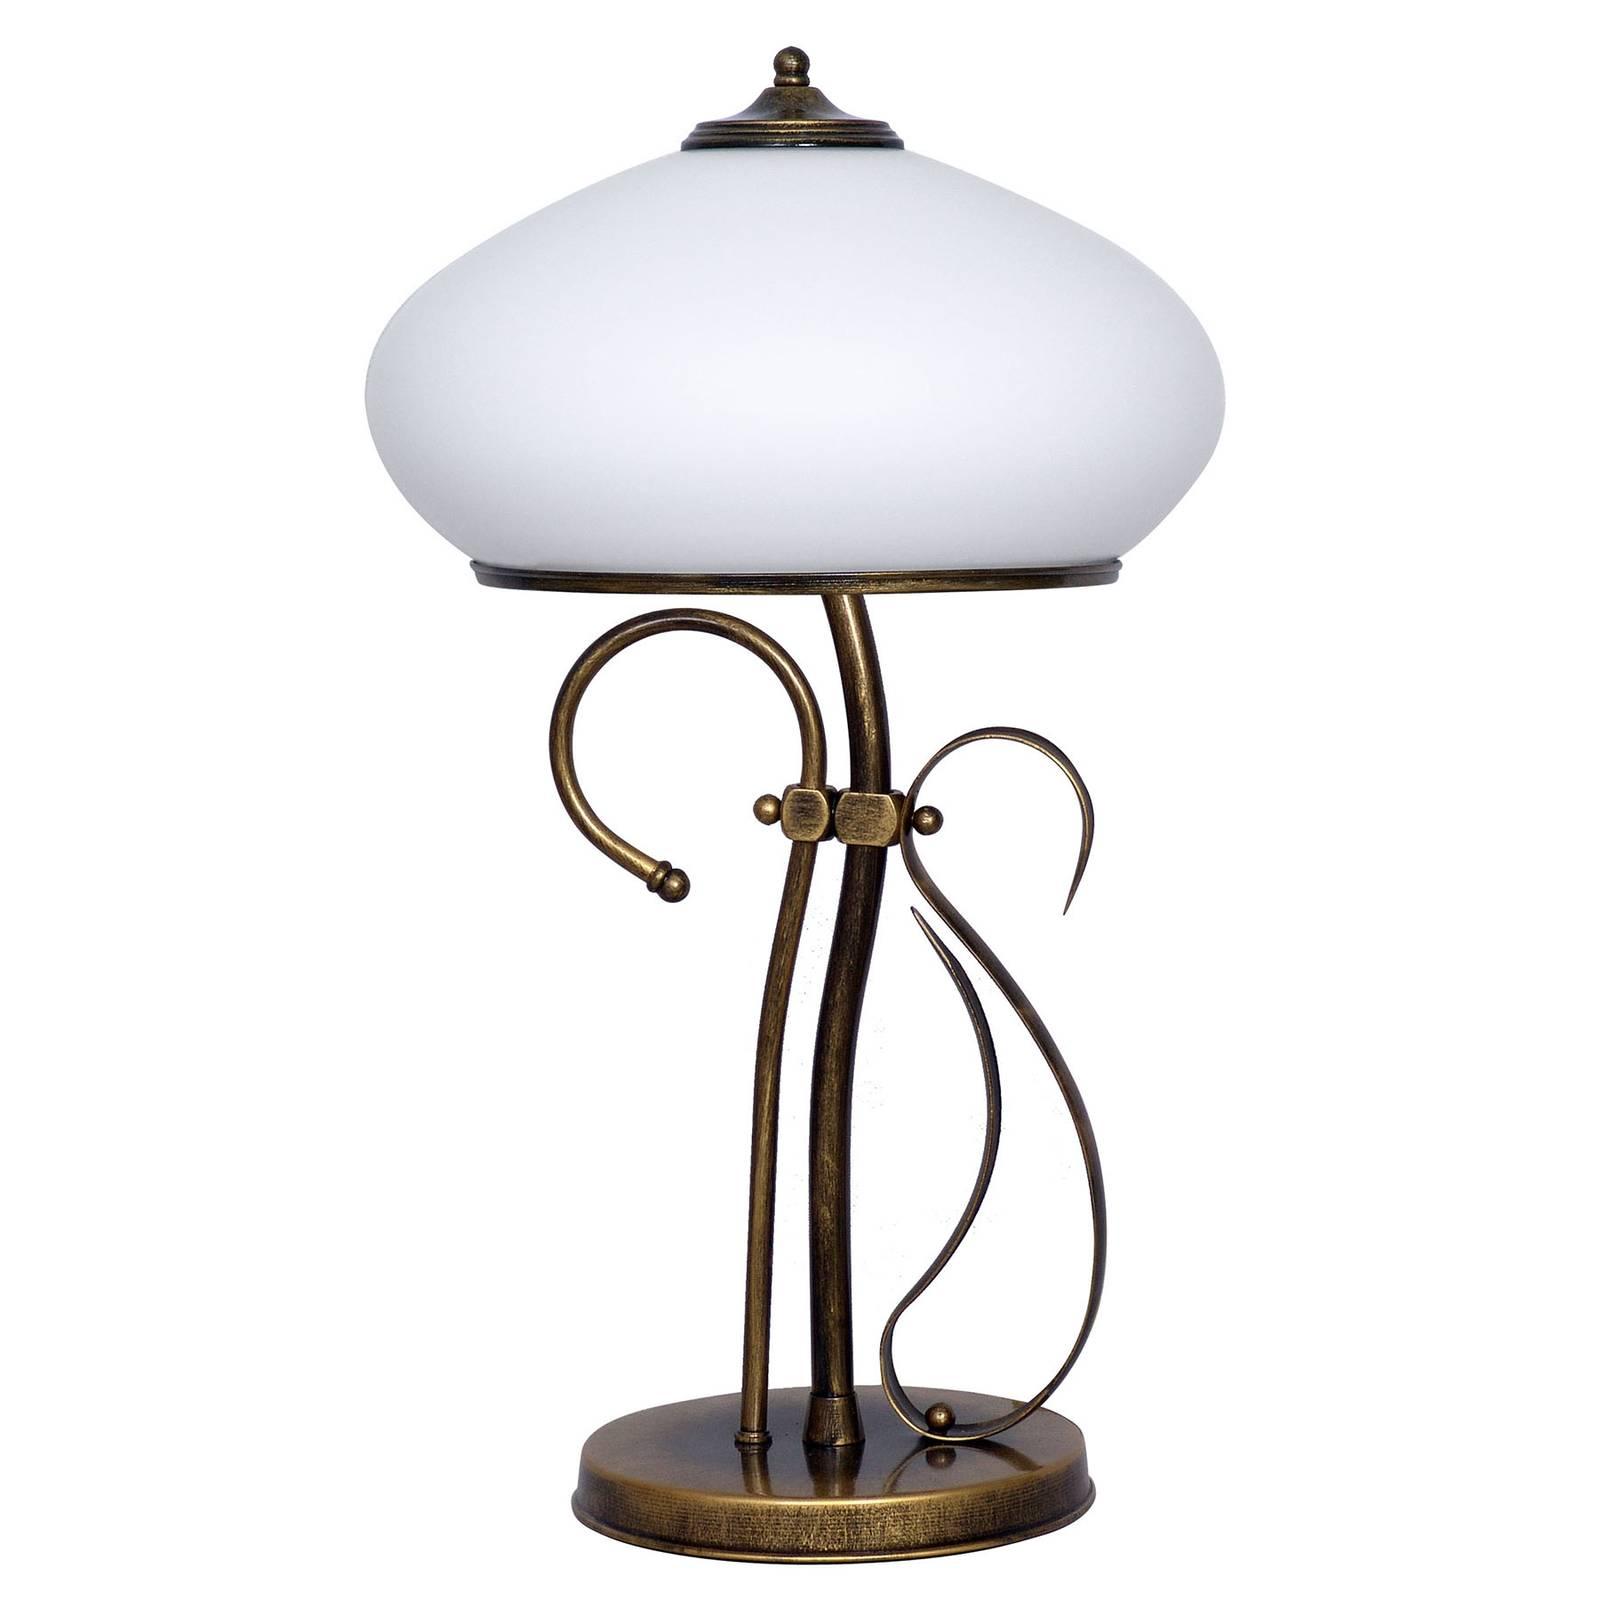 Bilde av 493 Bordlampe, Opalglass/antikk Gull, Høyde 60 Cm